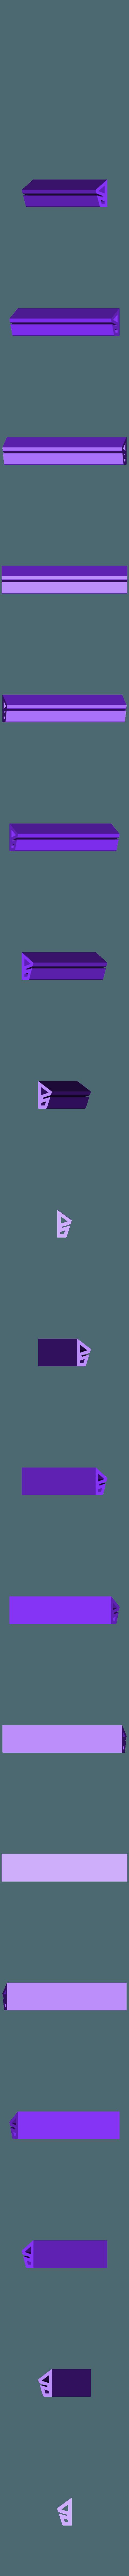 card_holder_125mm.stl Télécharger fichier STL gratuit Porte-cartes • Plan pour imprimante 3D, Palasestia